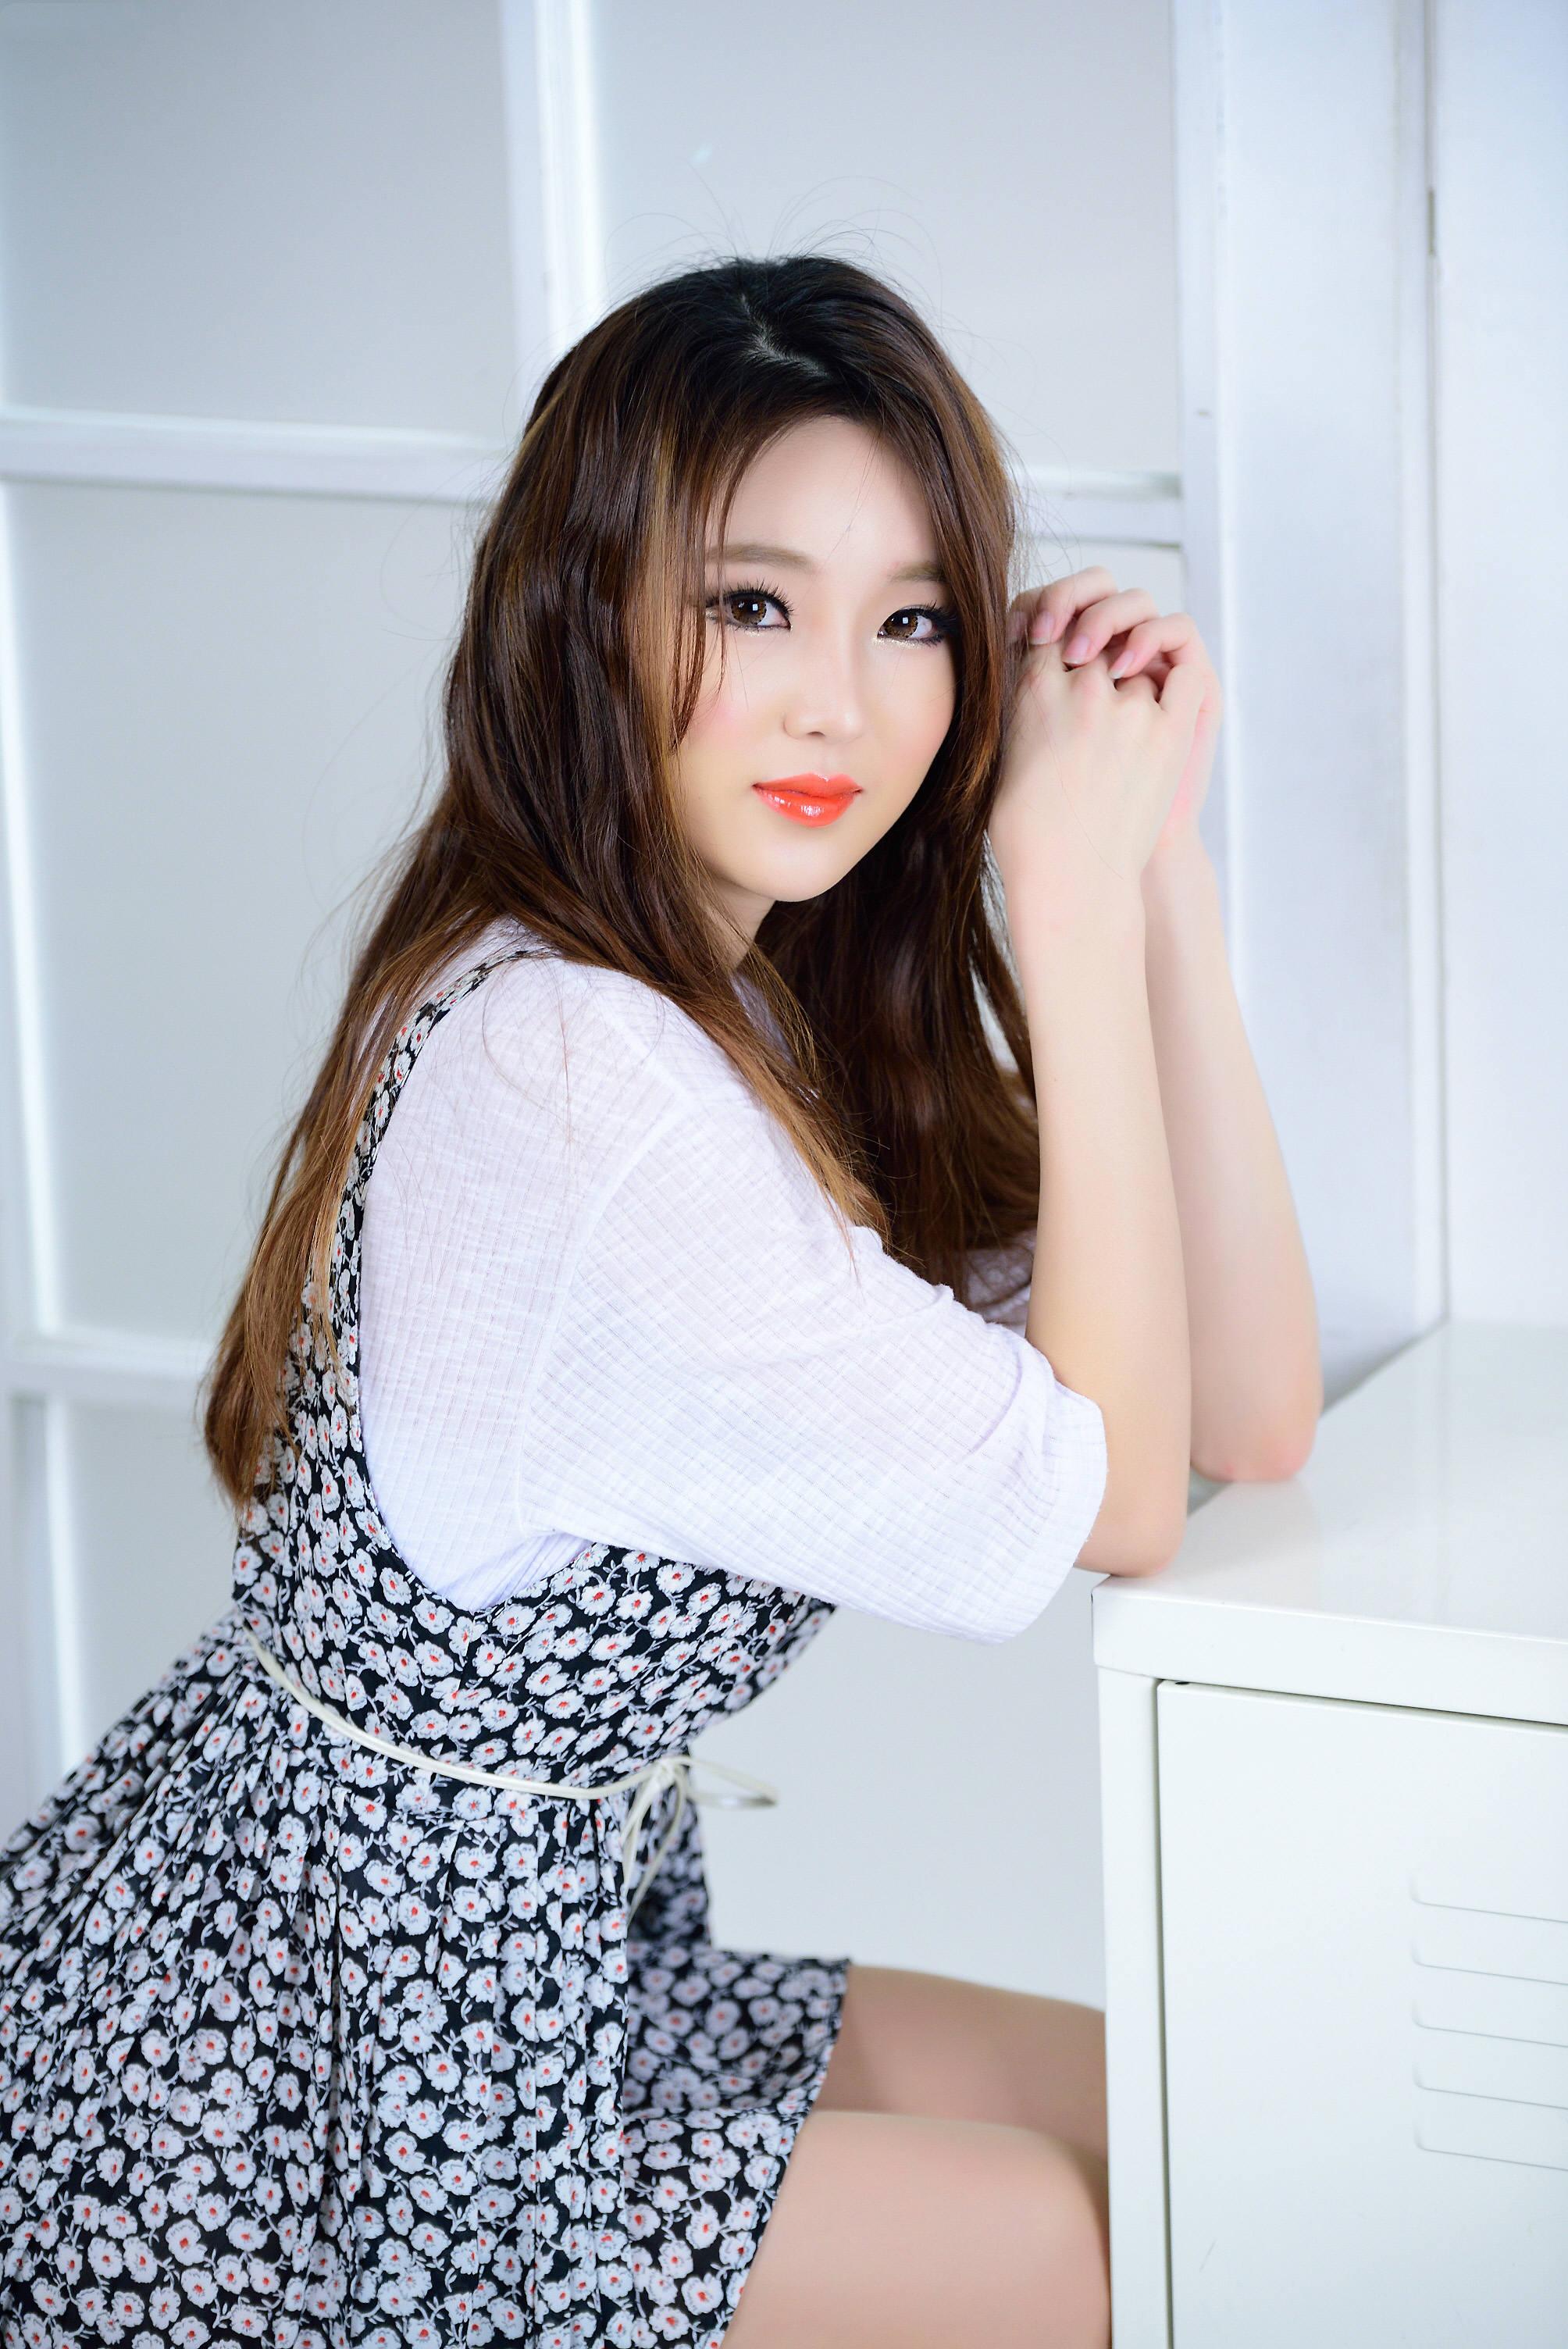 纯美天使-陈俞莉 - 1505147909 - 太阳的博客